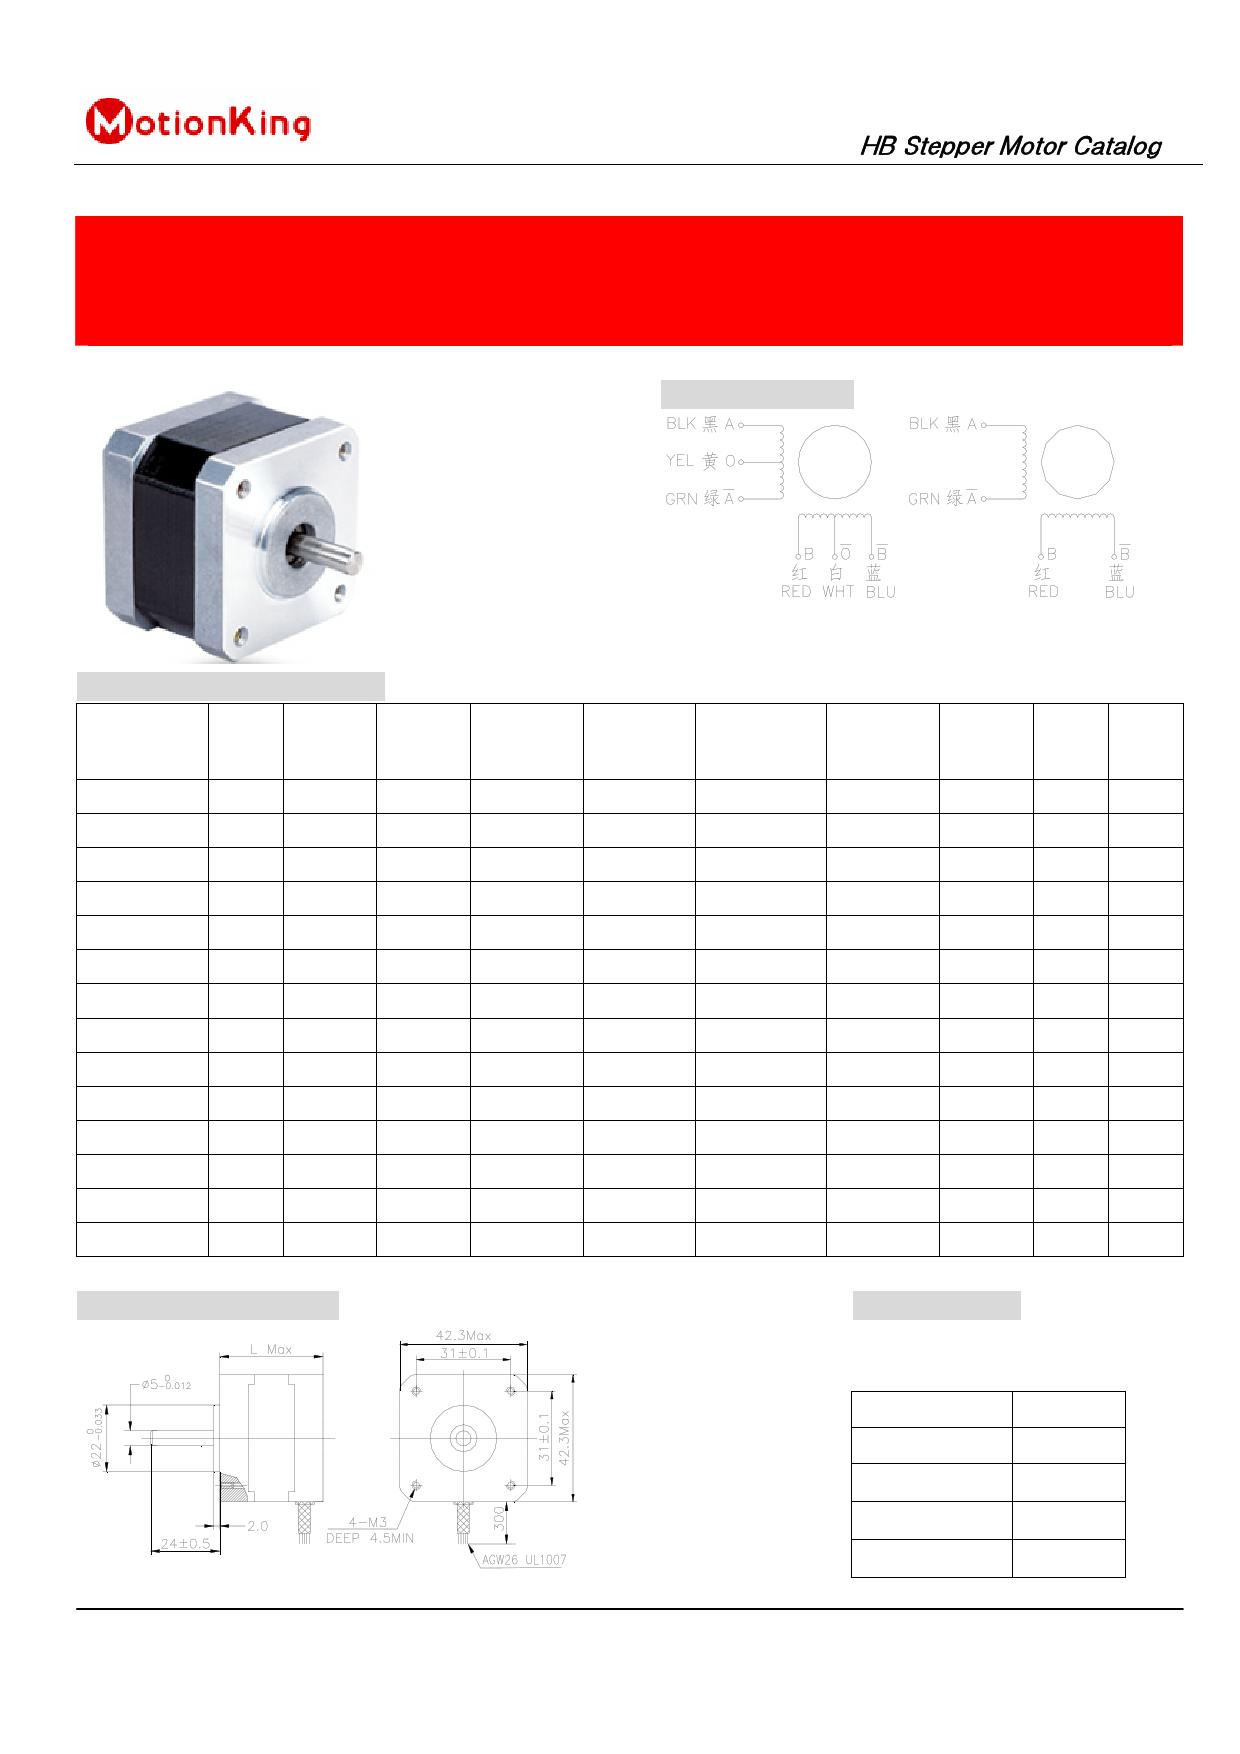 17hs2408 Pdf Datasheet 2 Phase Hybrid Stepper Motor